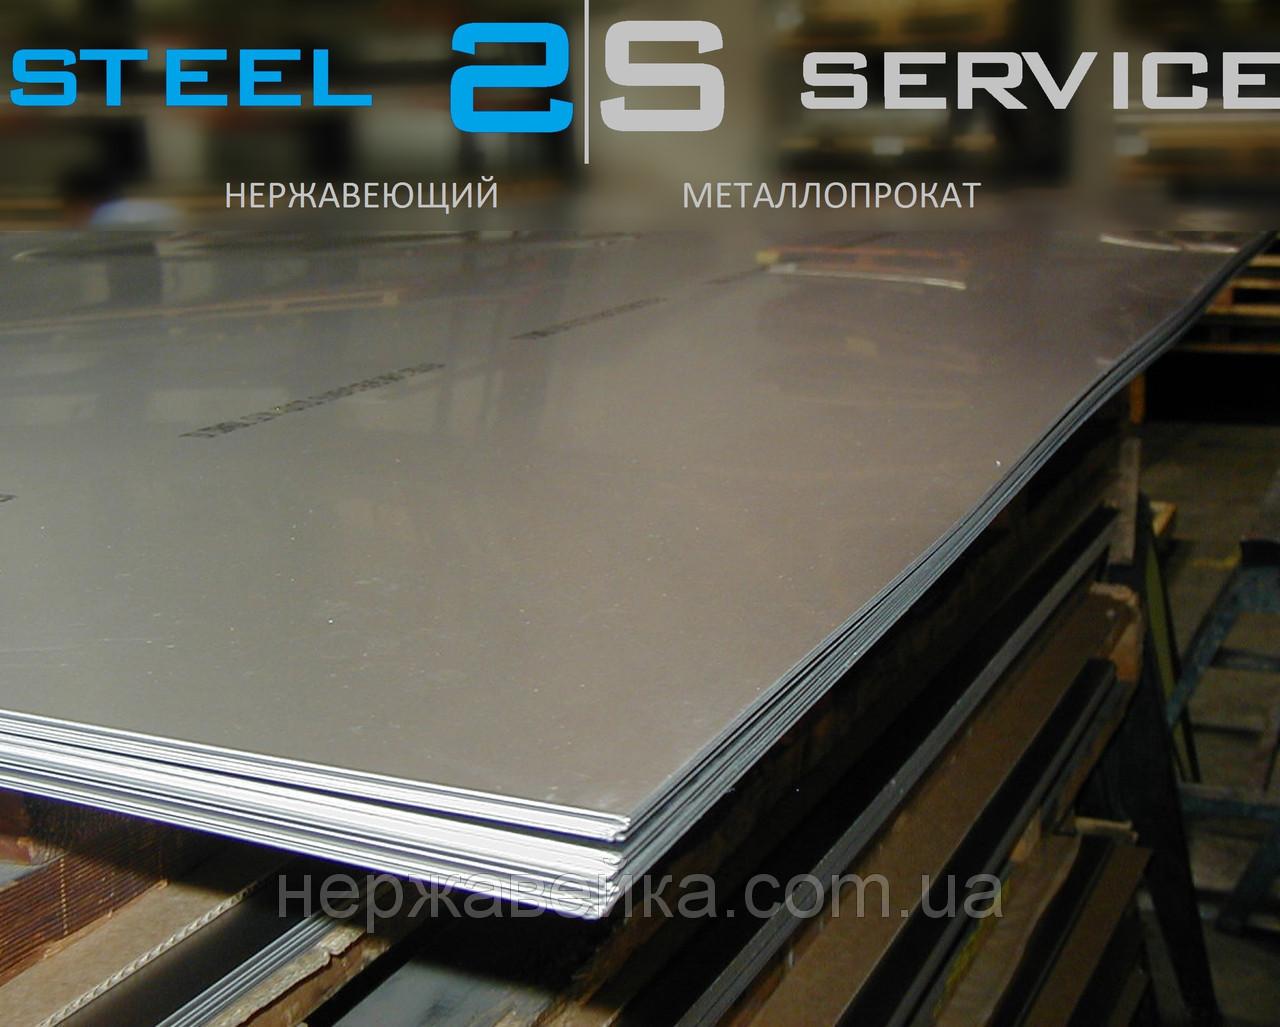 Нержавейка лист 35х1500х6000мм  AISI 304(08Х18Н10) F1 - горячекатанный,  пищевой